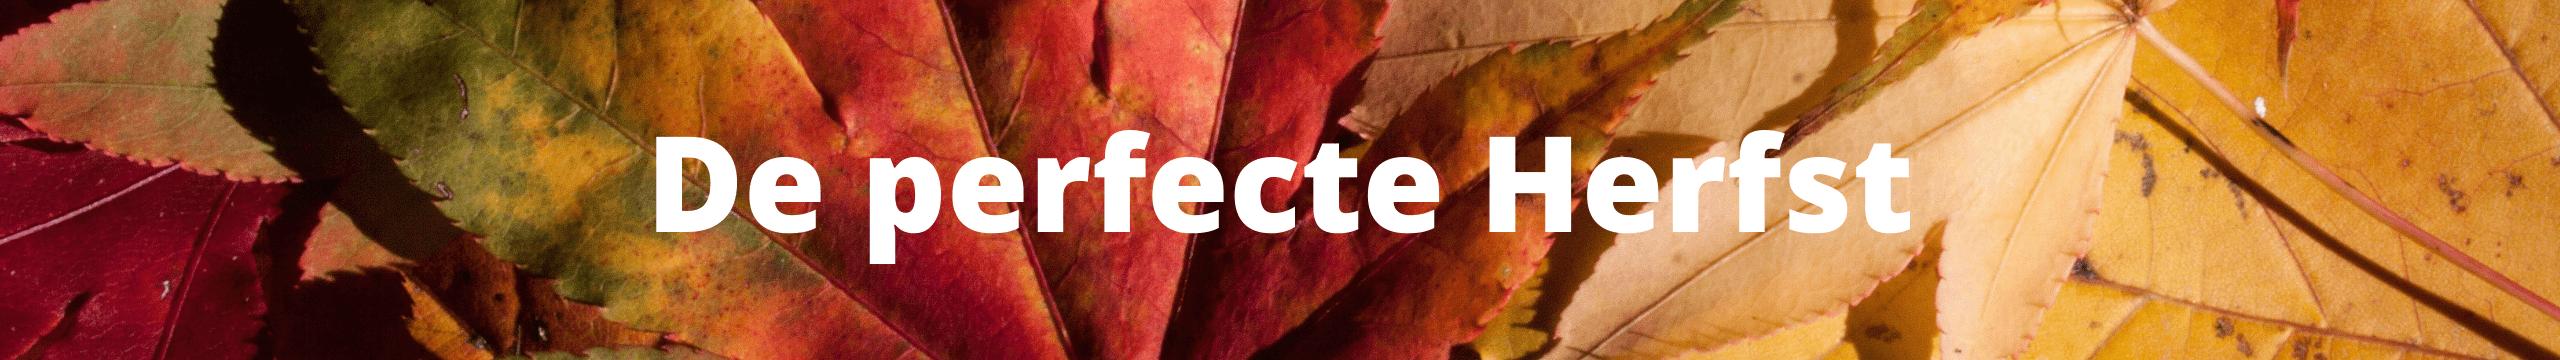 De Perfecte Herfst - divider herfstweken